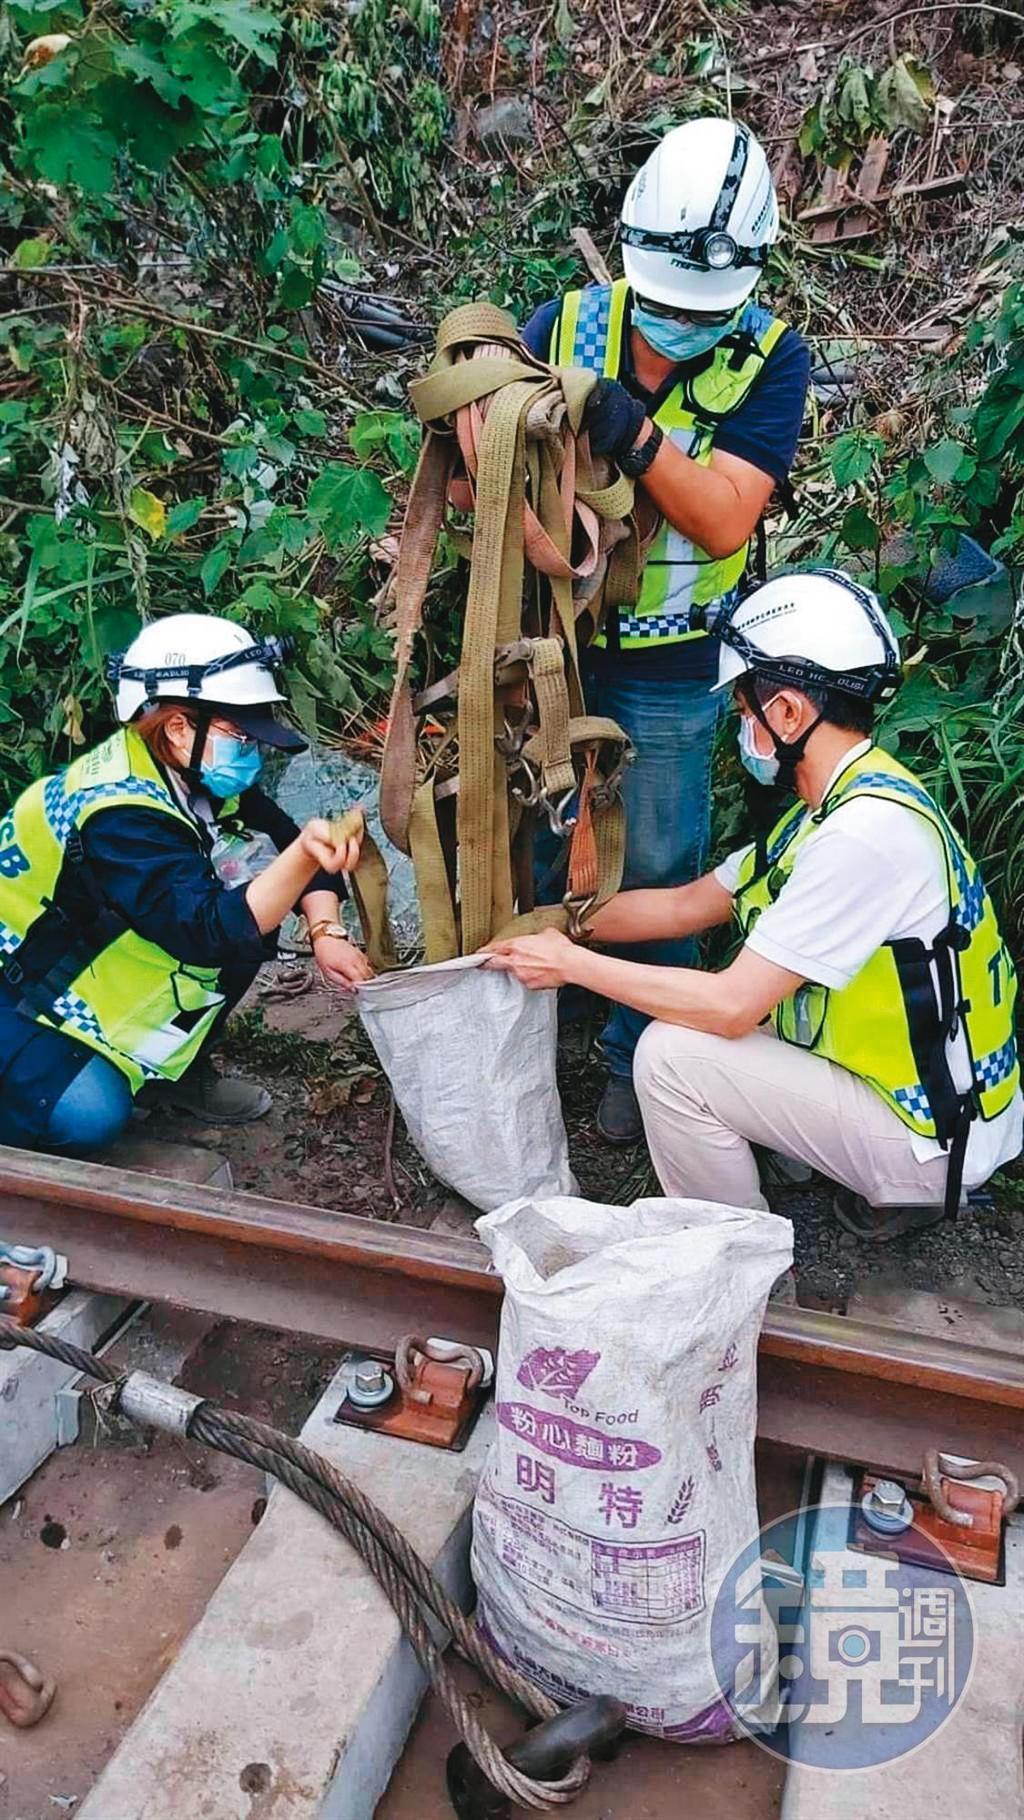 檢警在鐵軌旁查扣多條吊帶,其中1條已斷裂,均交由專家鑑定拉力。(民眾提供)